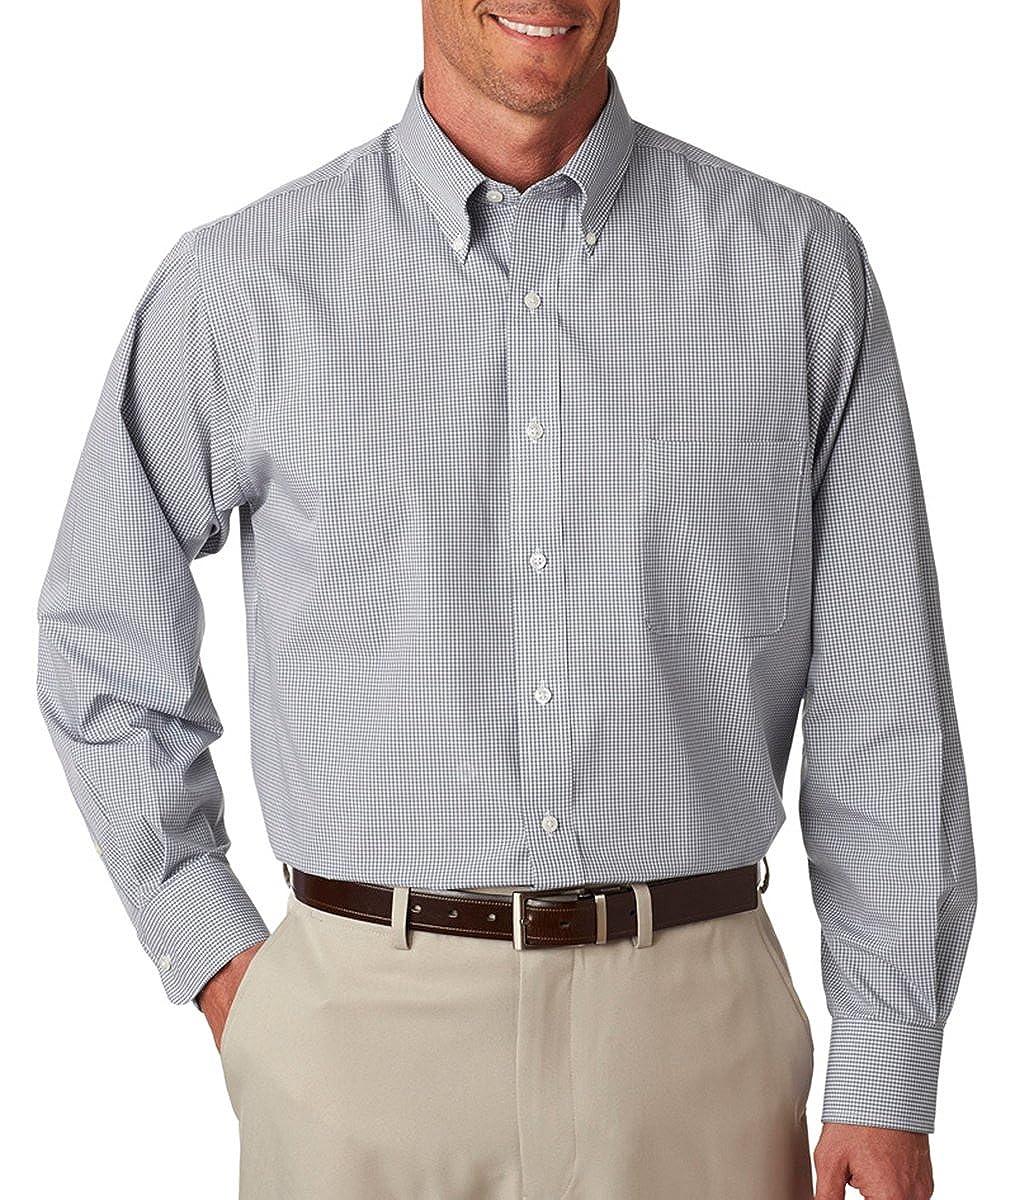 Van Heusen Mens Dress Shirts Regular Fit Gingham Button Down Collar 13V0225